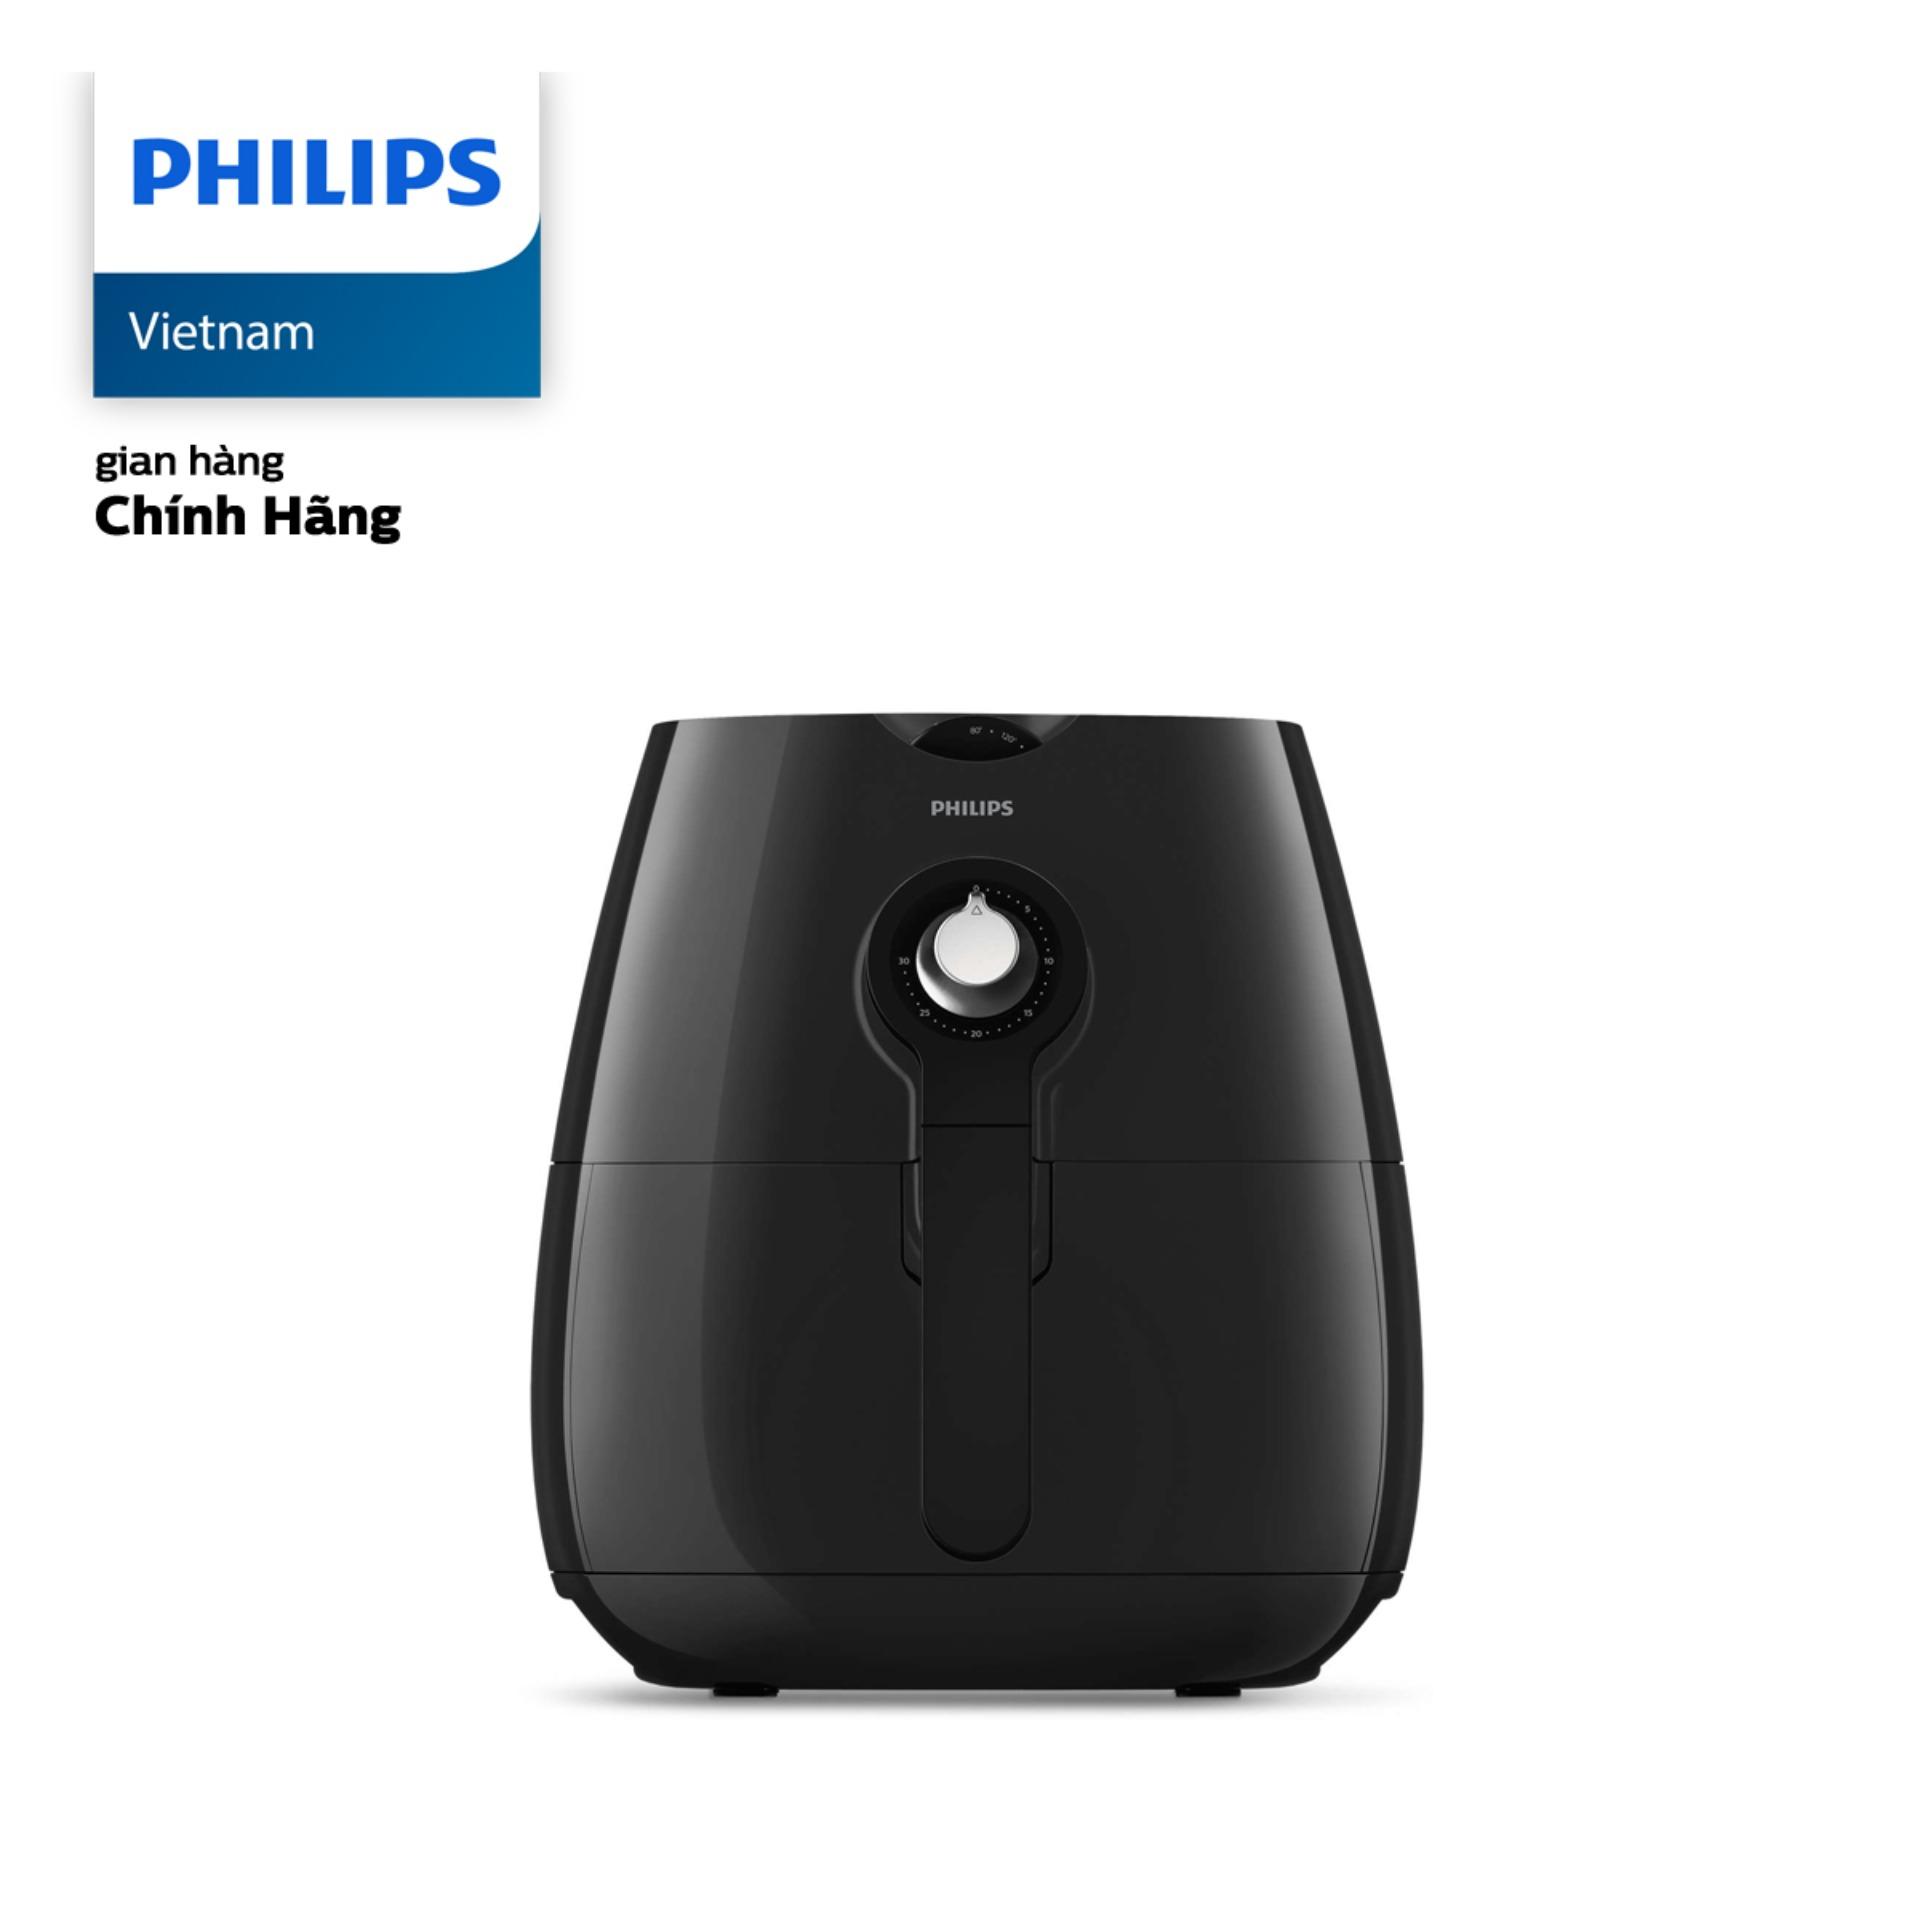 Nồi chiên không dầu Philips HD9218 1425W (Đen) - Hãng phân phối chính thức